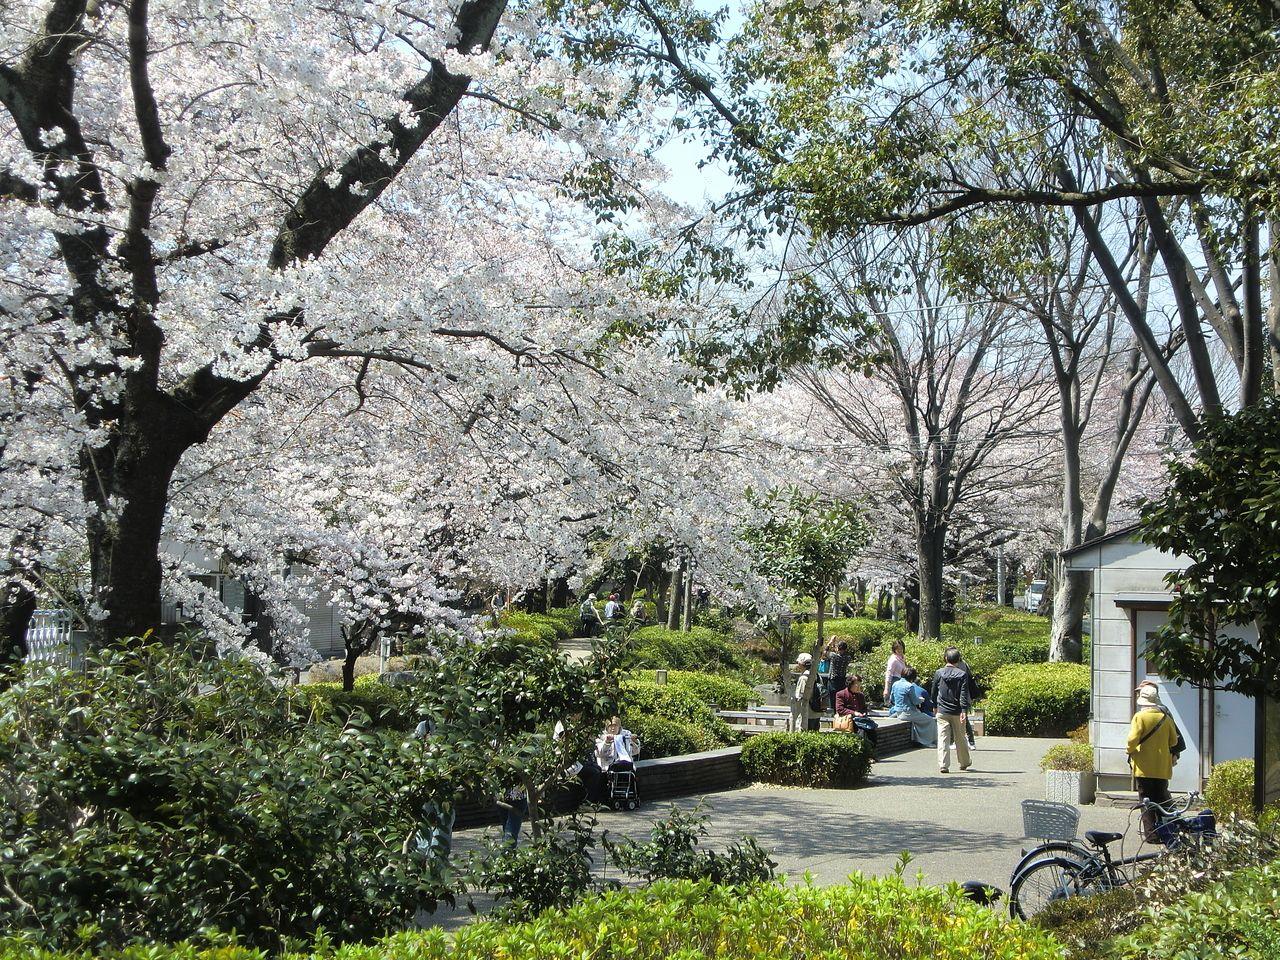 柴崎体育館周辺の、春には桜がキレイに咲く緑道